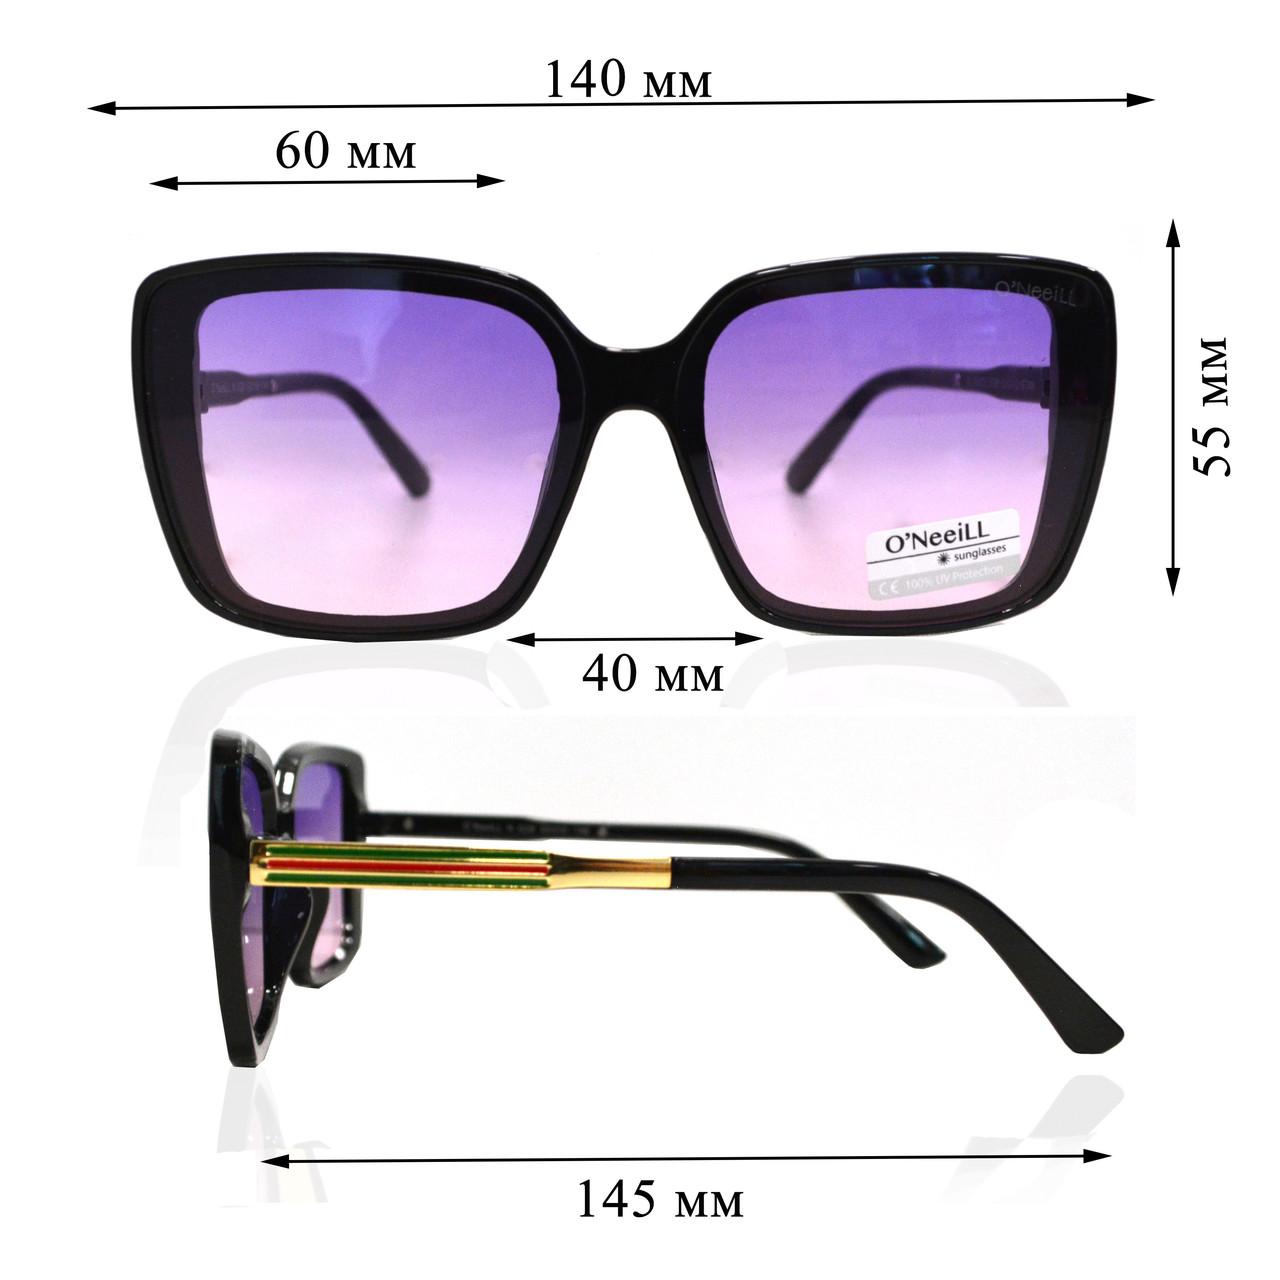 Солнцезащитные очки с фиолетовыми стеклами с узором на дужке UV 400 O'NeeiLL N G 28 черные - фото 2